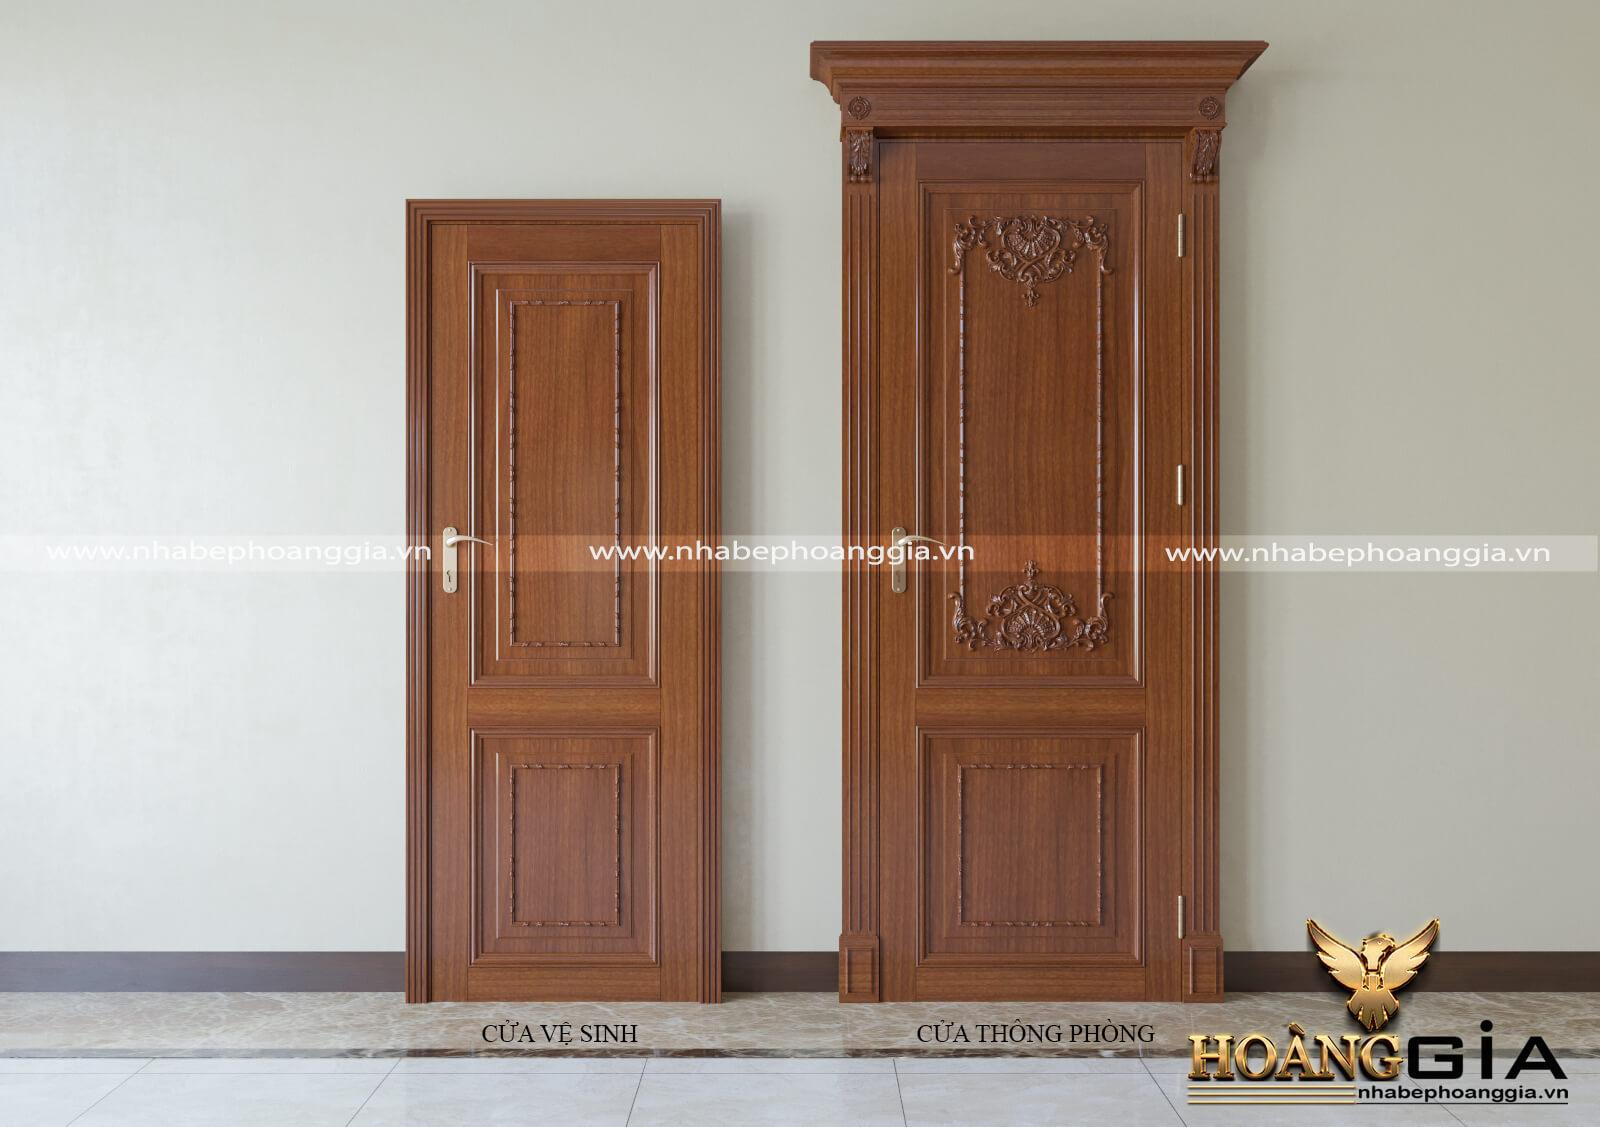 cửa thông phòng tân cổ điển